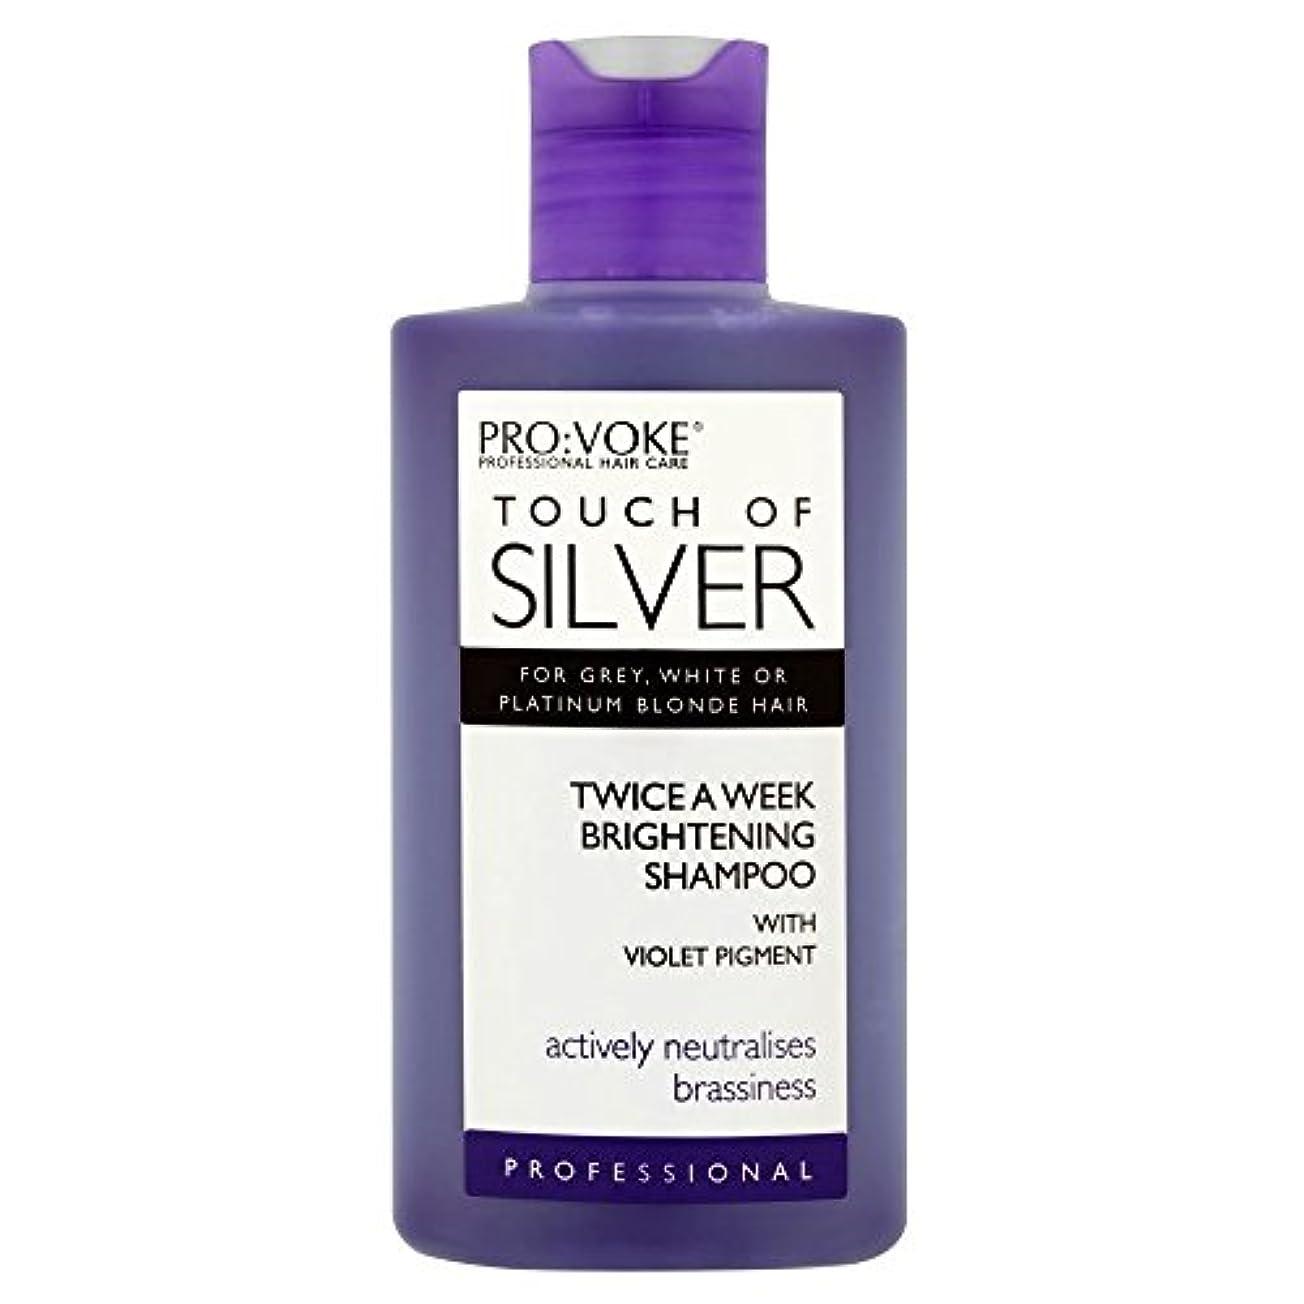 将来の微弱ホステルPro:voke Touch of Silver Professional Twice a Week Brightening Shampoo (150ml) プロ:プロの銀二回週白シャンプーのvokeタッチ( 150ミリリットル...